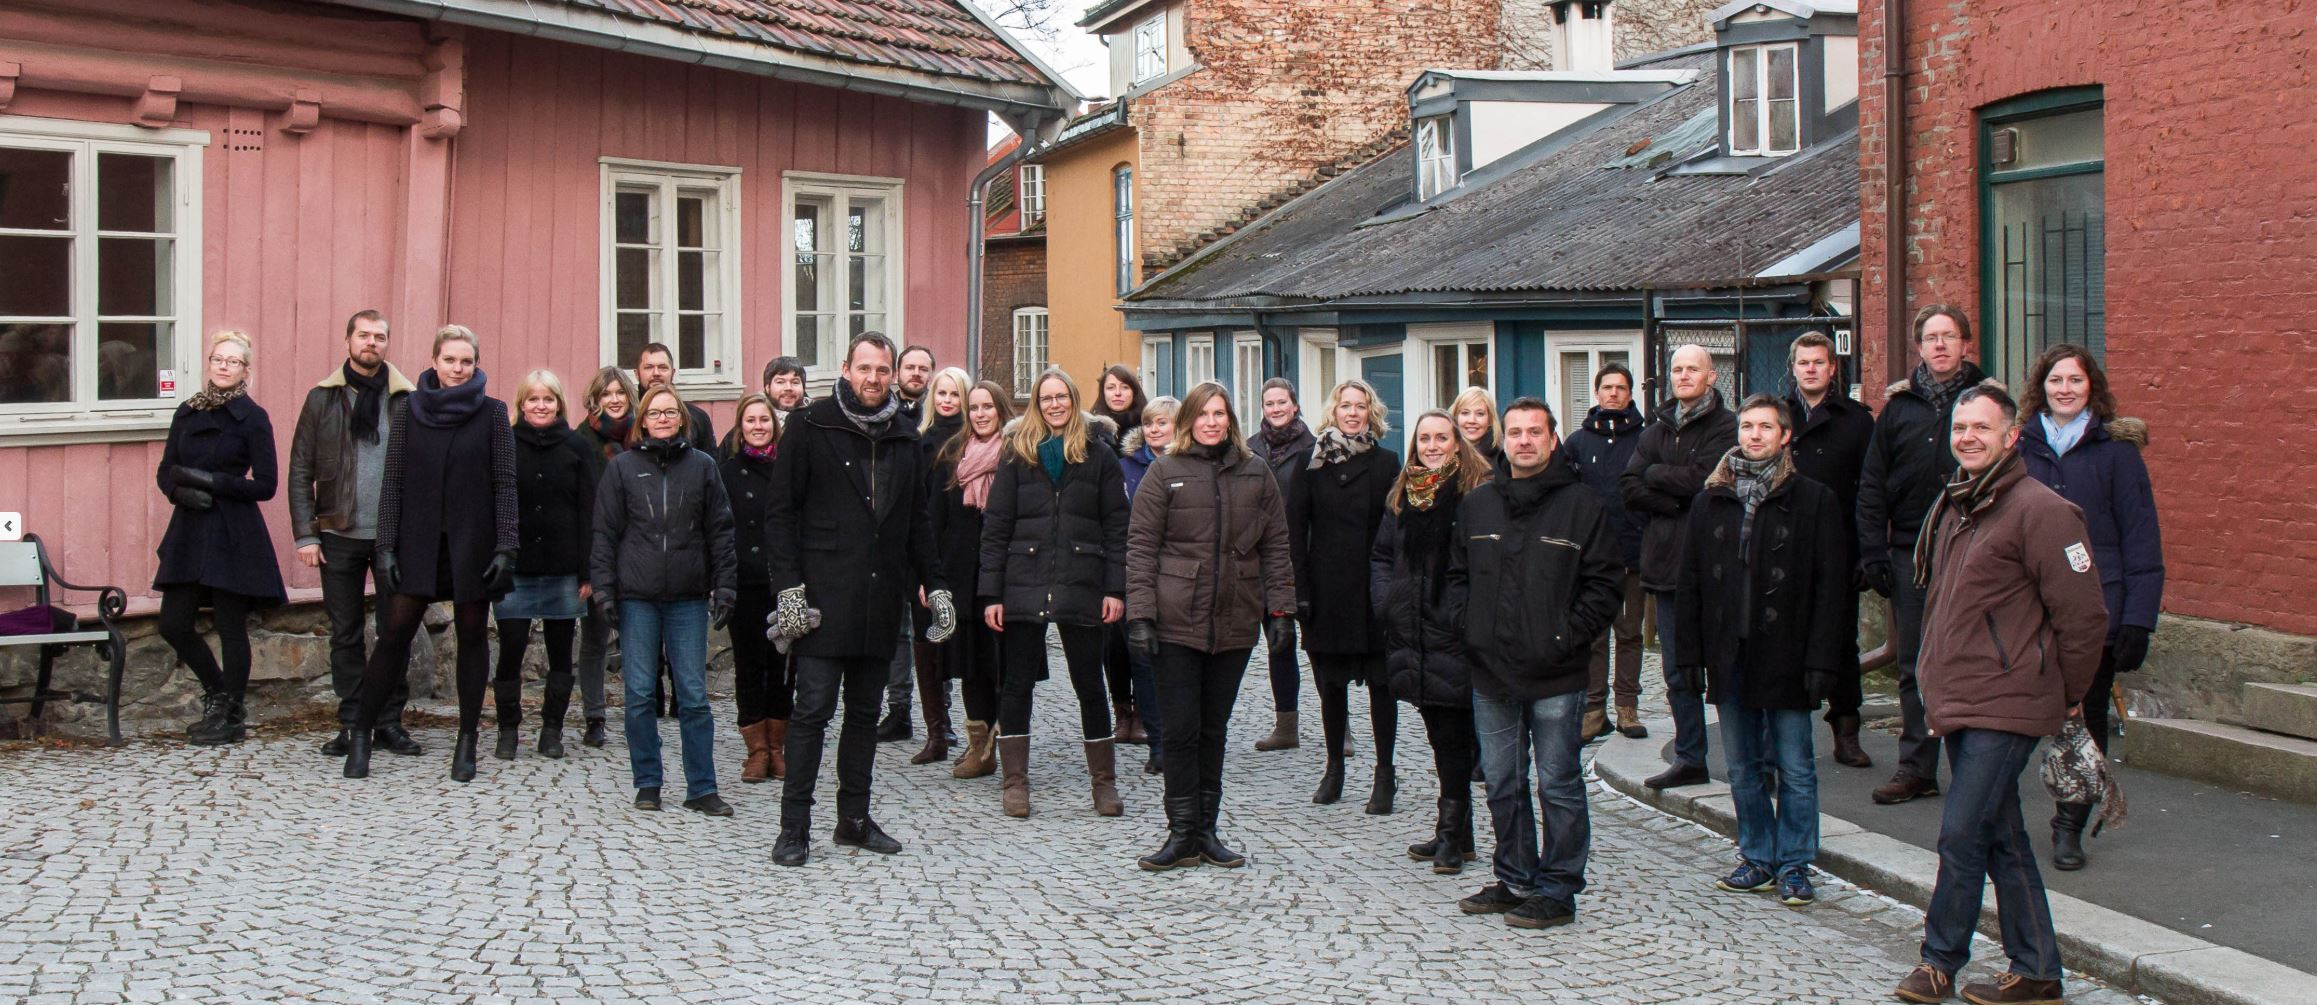 Oslo Voices oppstilt i trehusbebyggelse